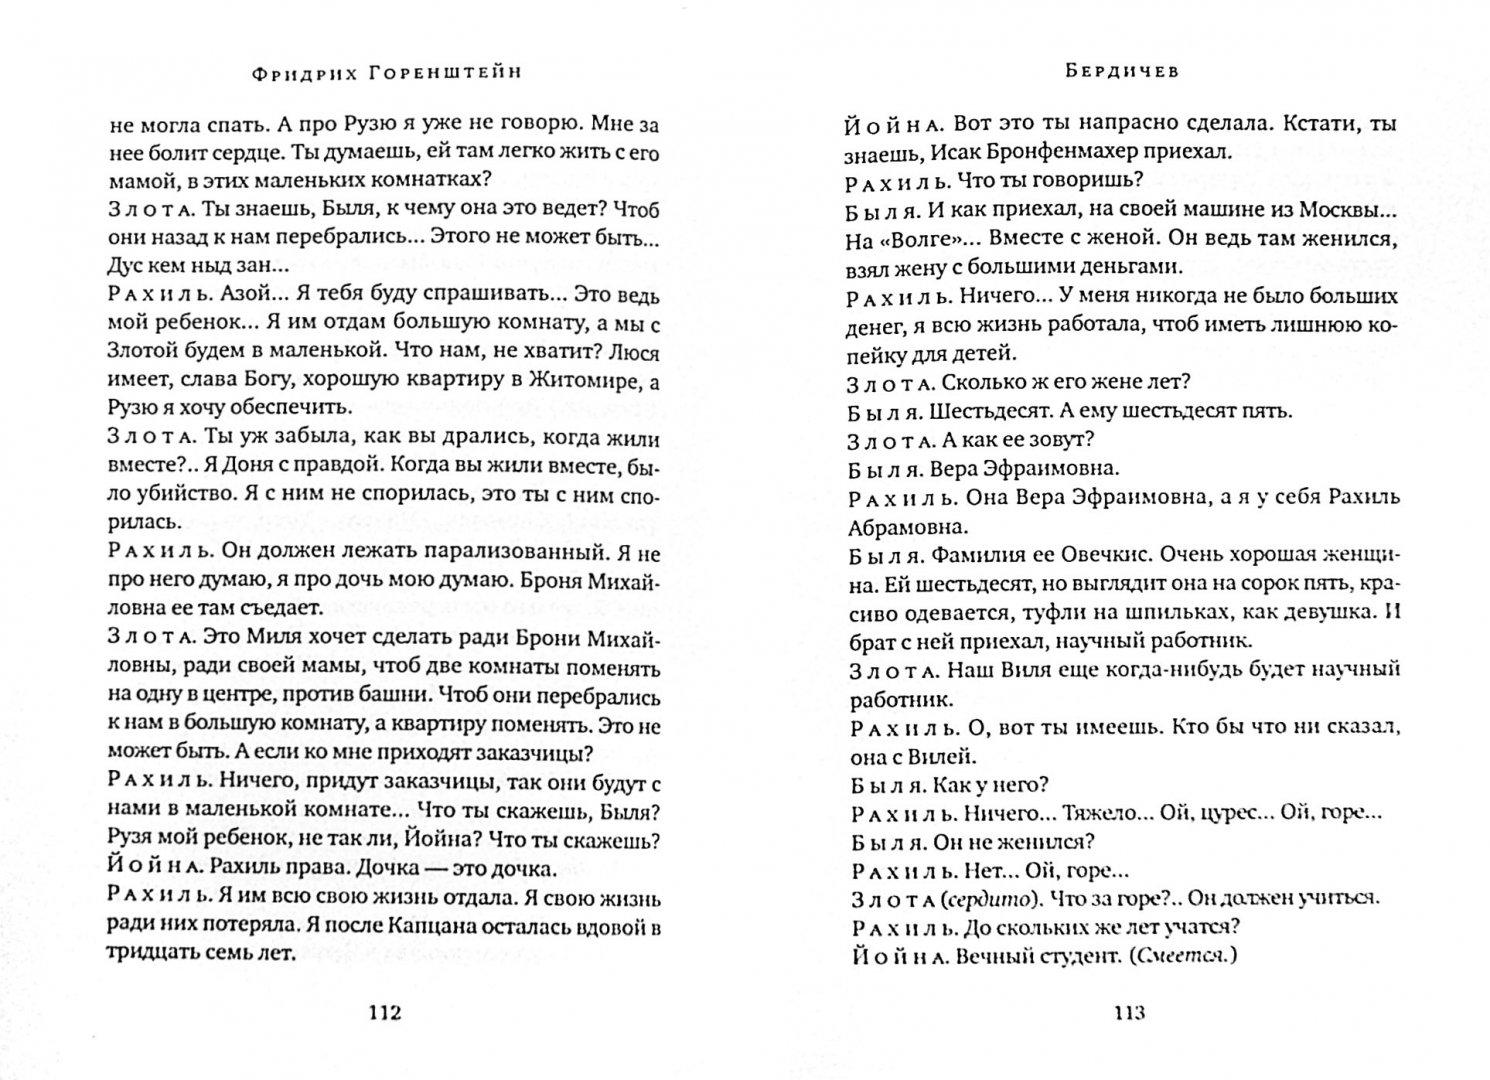 Иллюстрация 1 из 30 для Бердичев: Избранное - Фридрих Горенштейн | Лабиринт - книги. Источник: Лабиринт